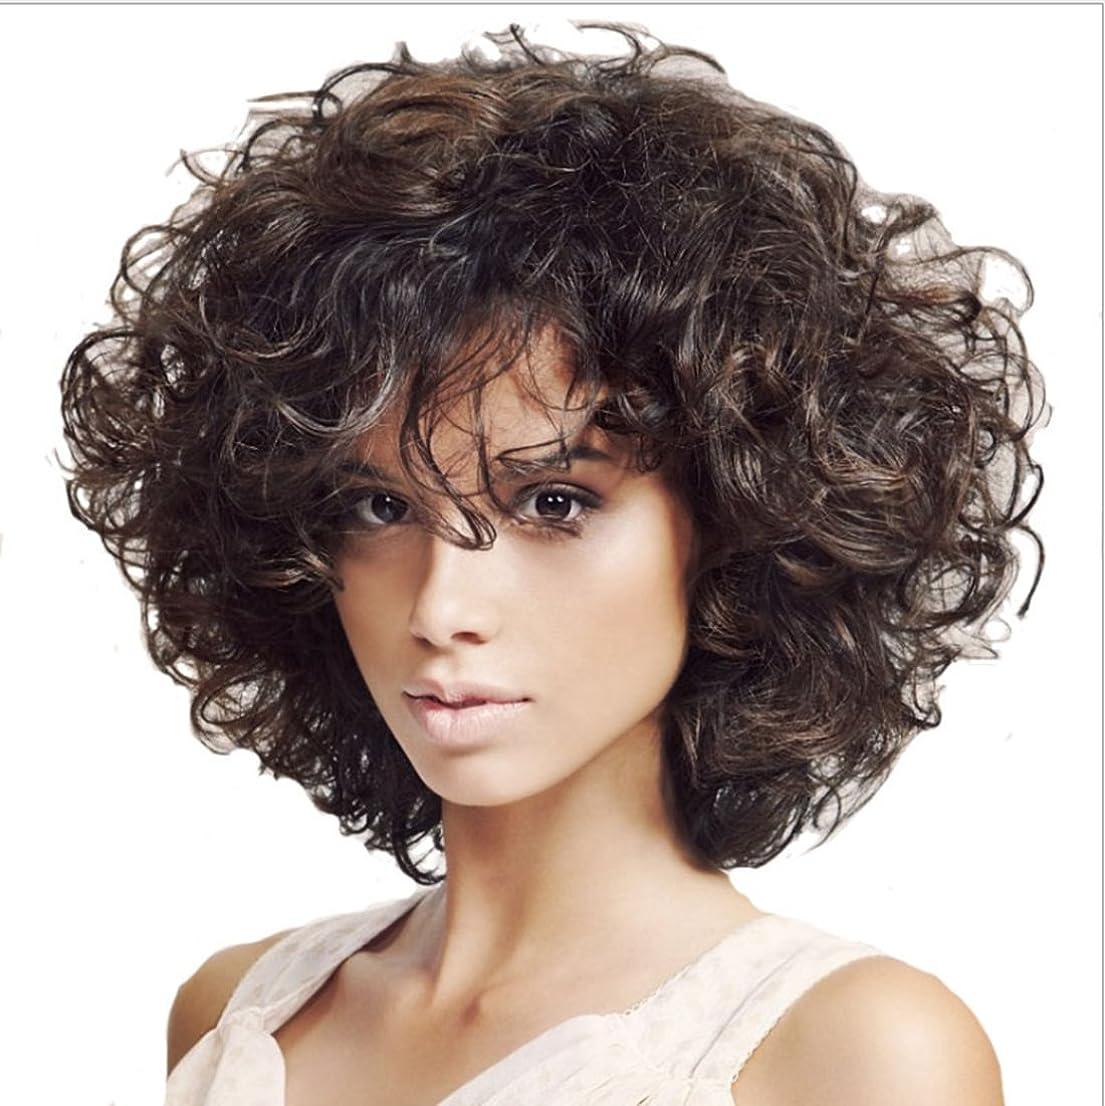 ウナギ実証する現実にはDoyvanntgo 女性のための13inch高温のかつら部分的なバグのウィッグの短い縮毛髪耐熱性のためのふわふわした小さいウィッグ(ダークブラウン) (Color : Dark brown)